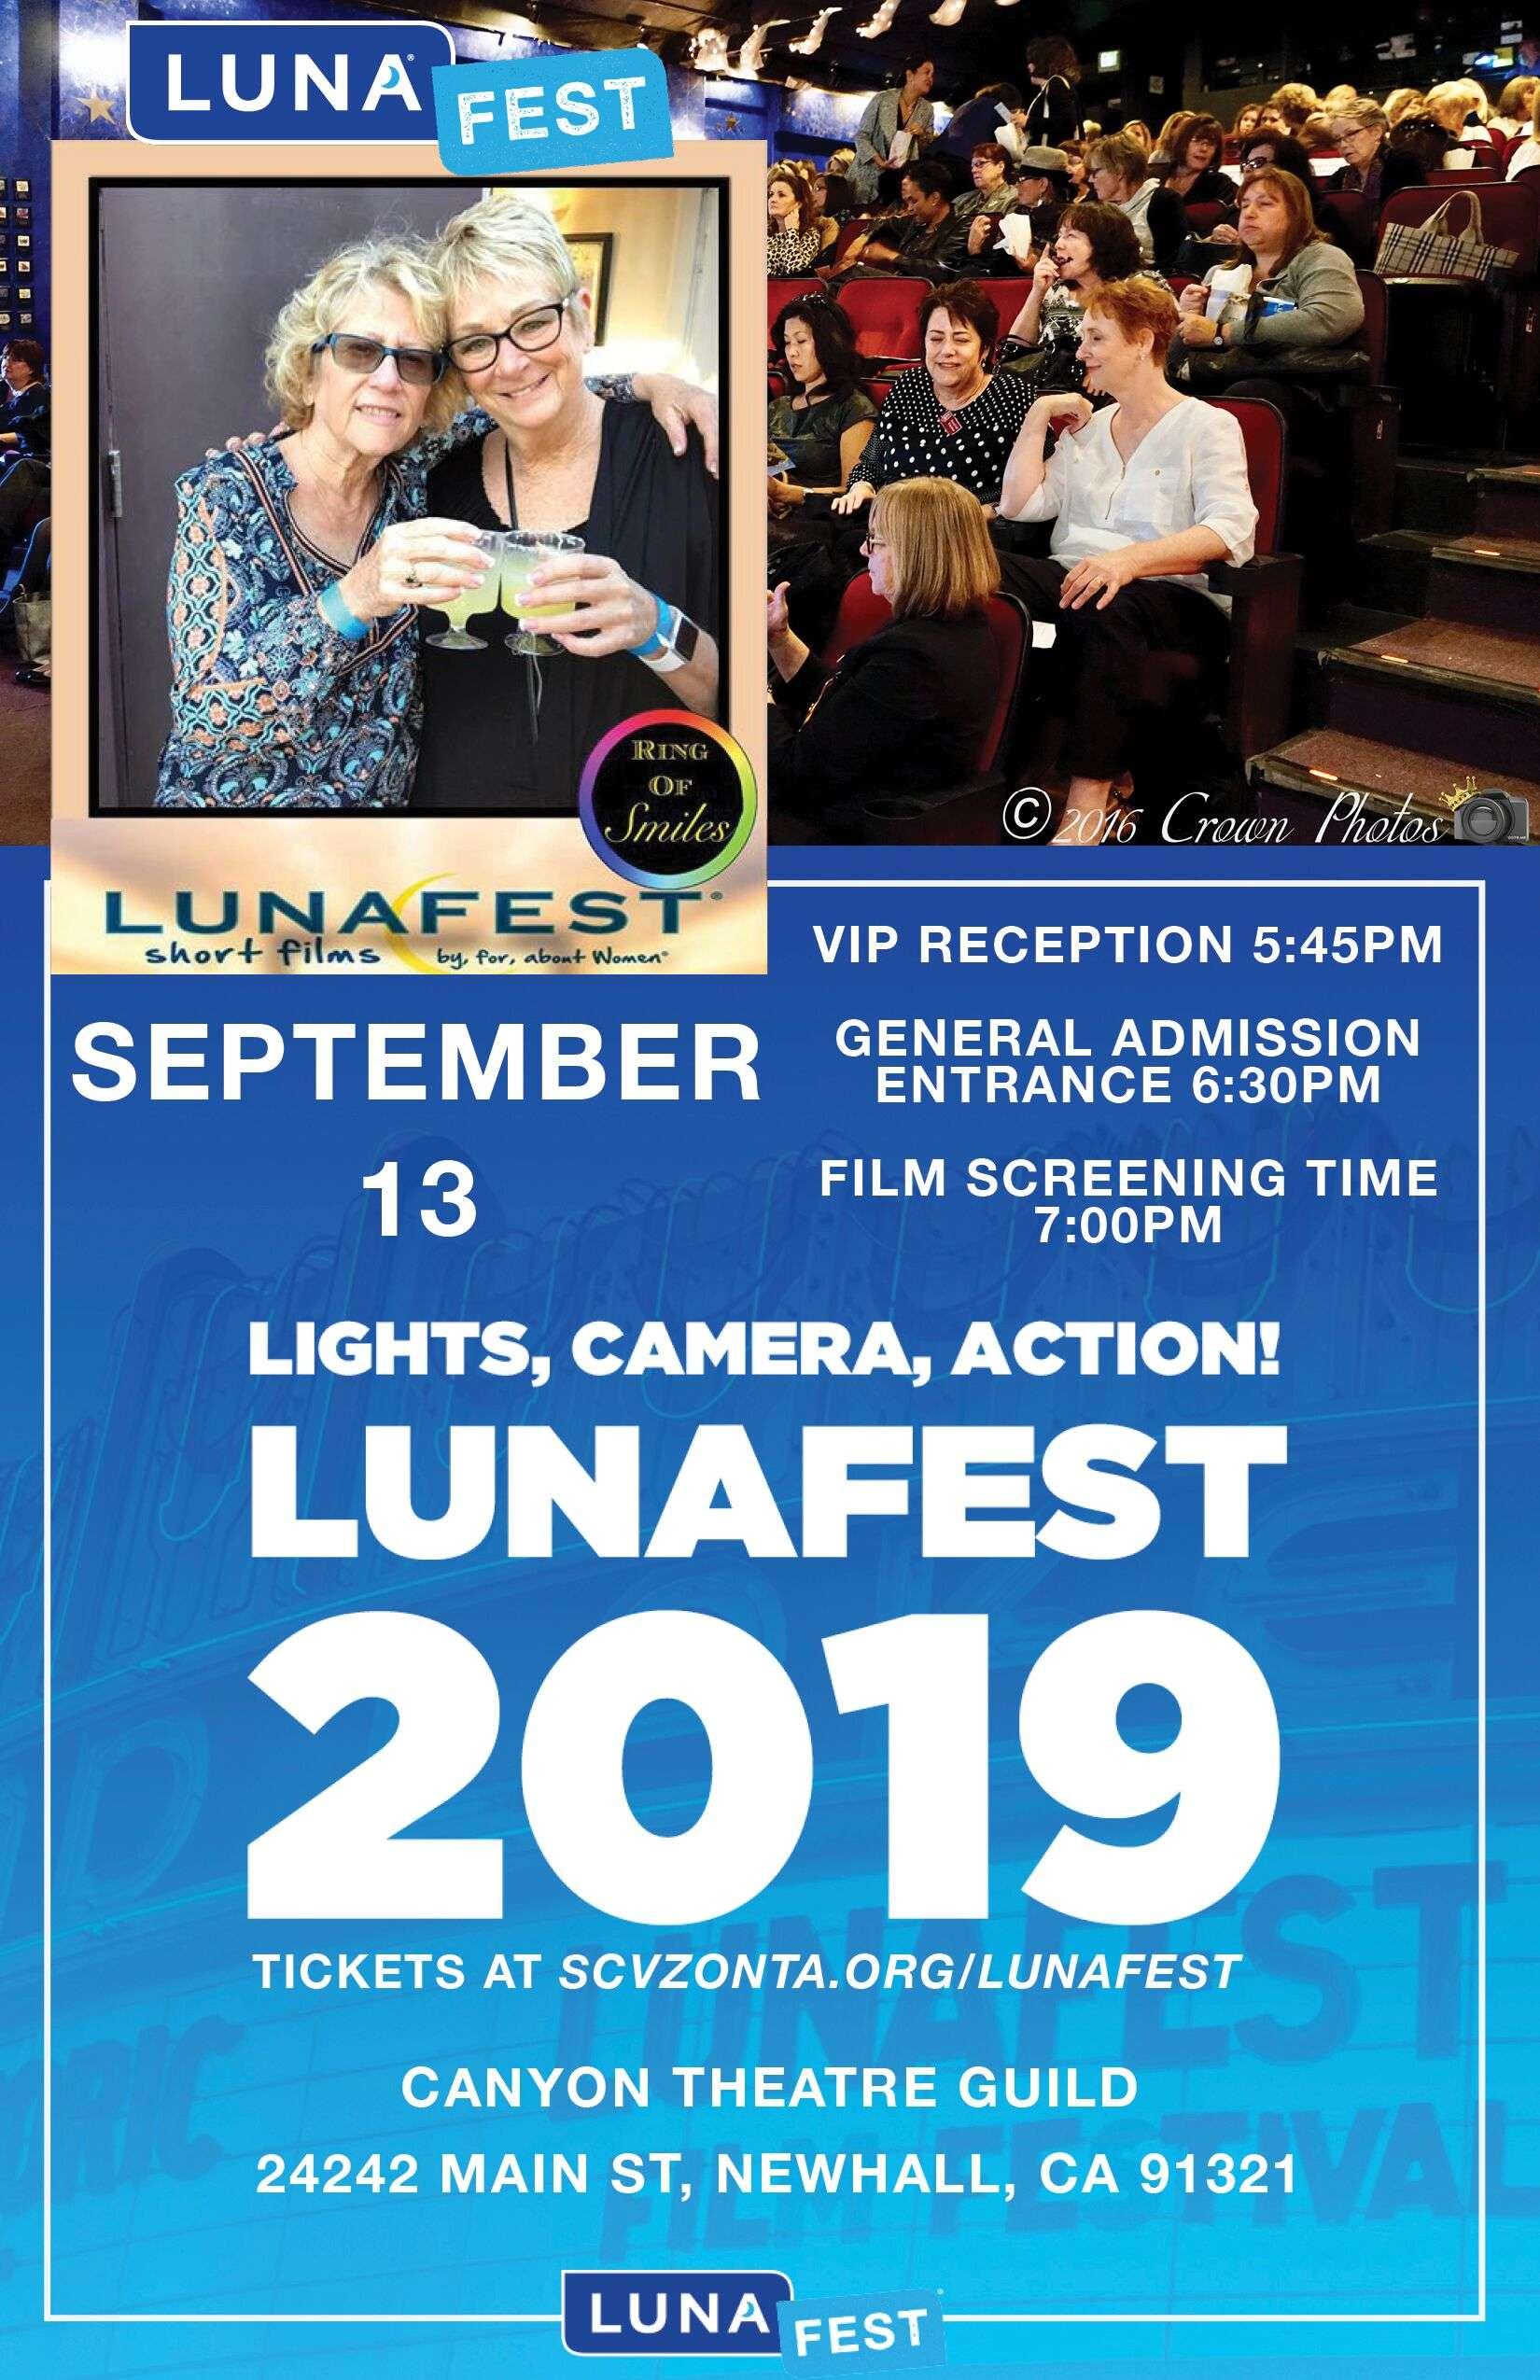 lunafest flyer 2019 april version